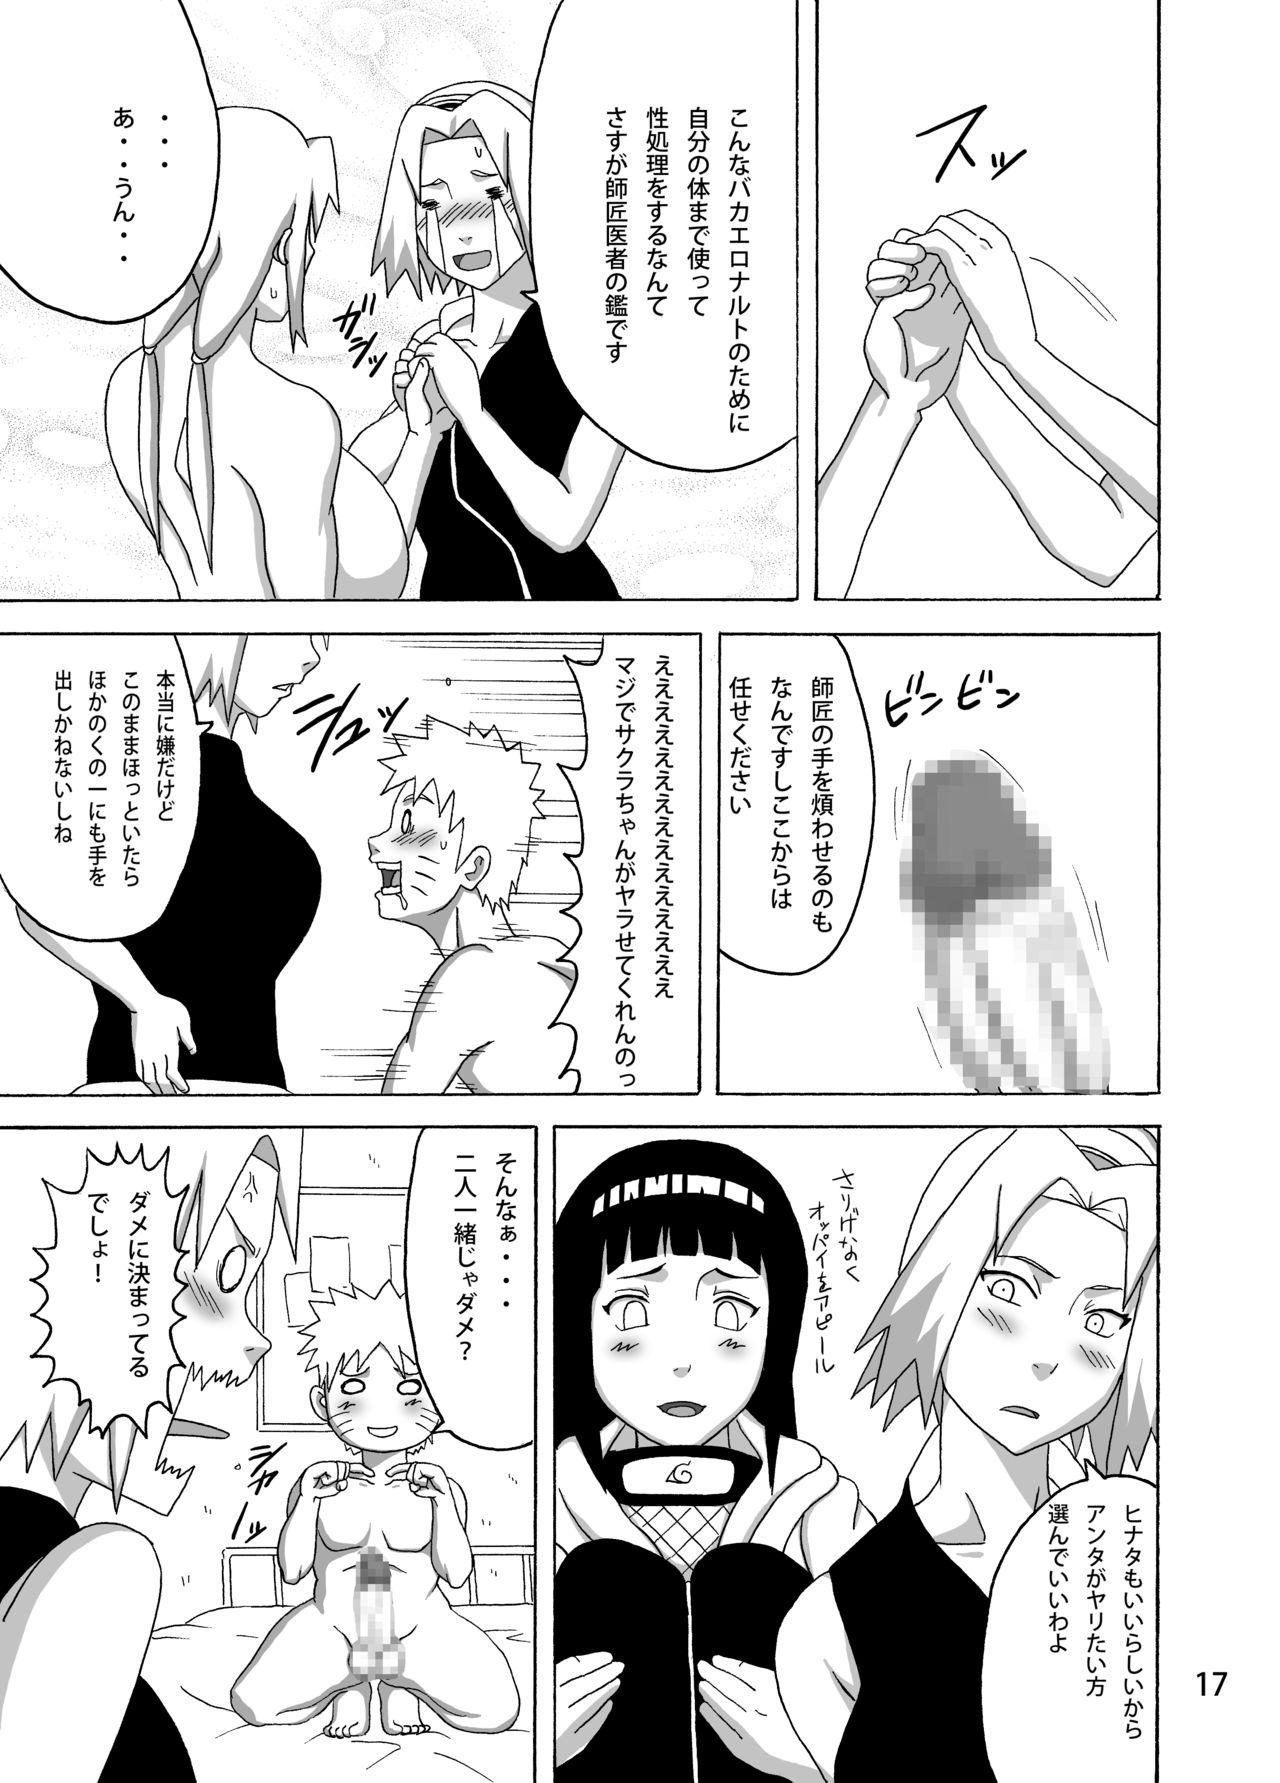 Konoha no Sei Shorigakari 17